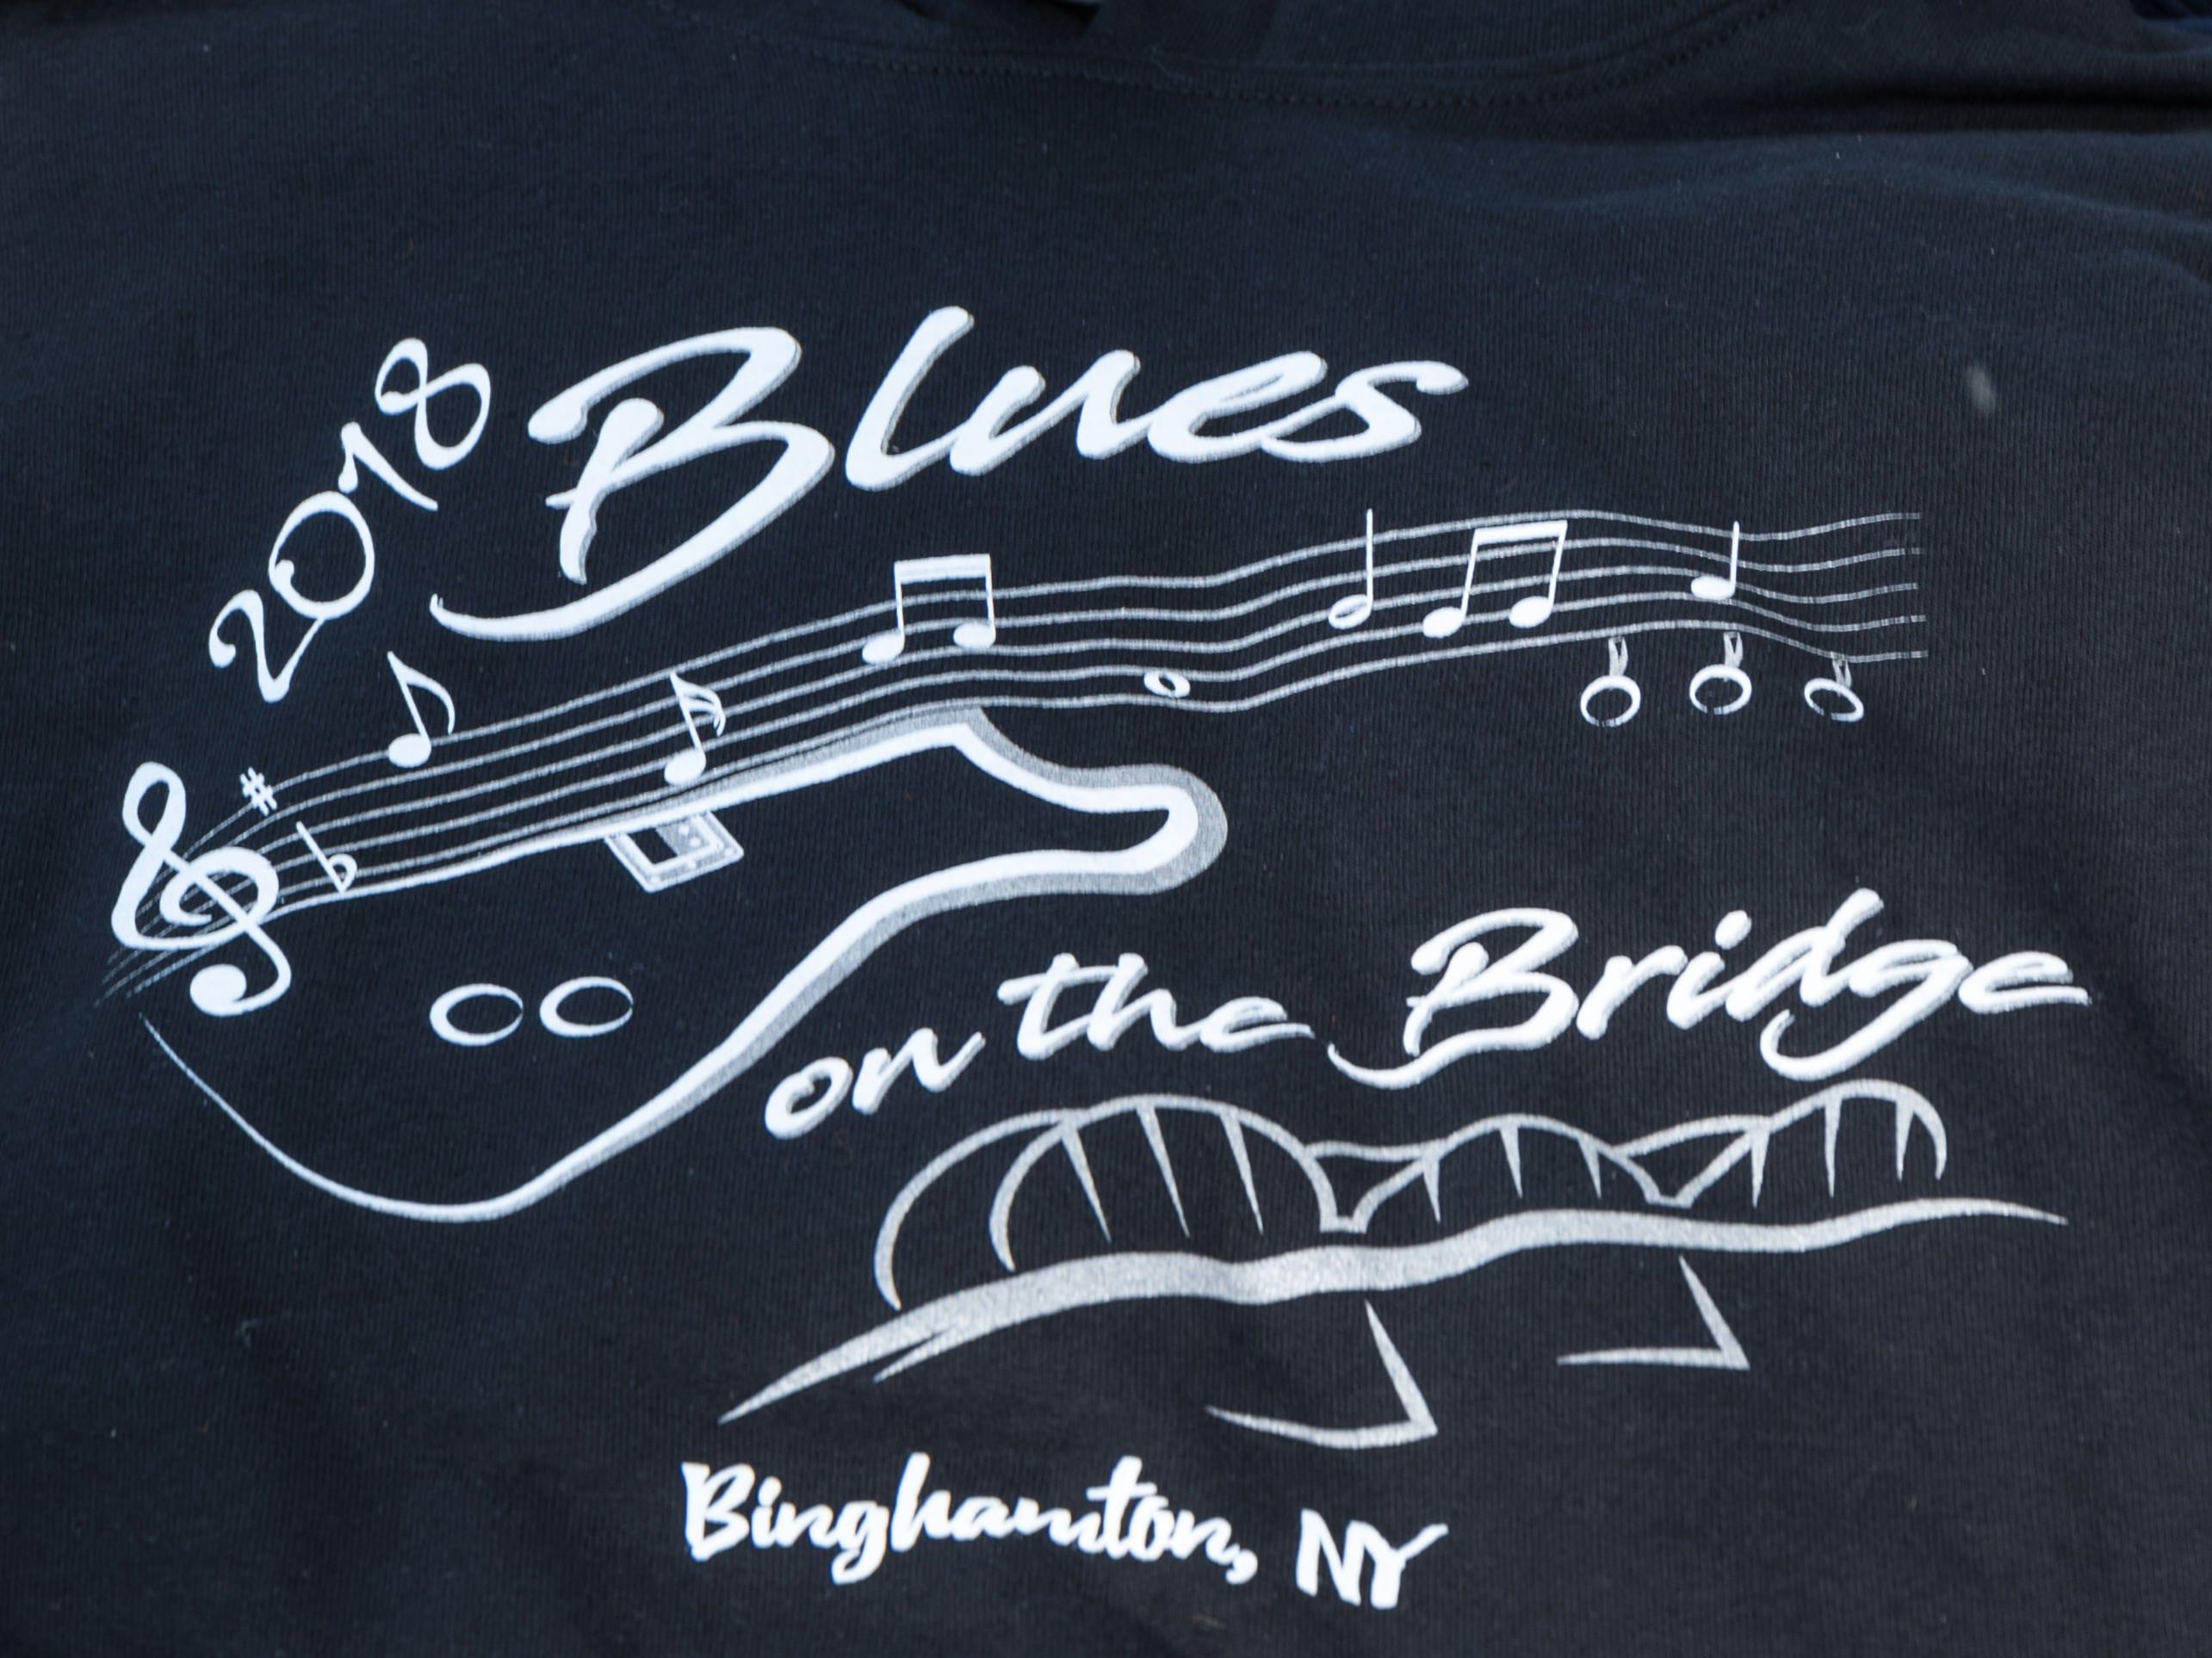 Blues on the Bridge was held on Sept. 16.